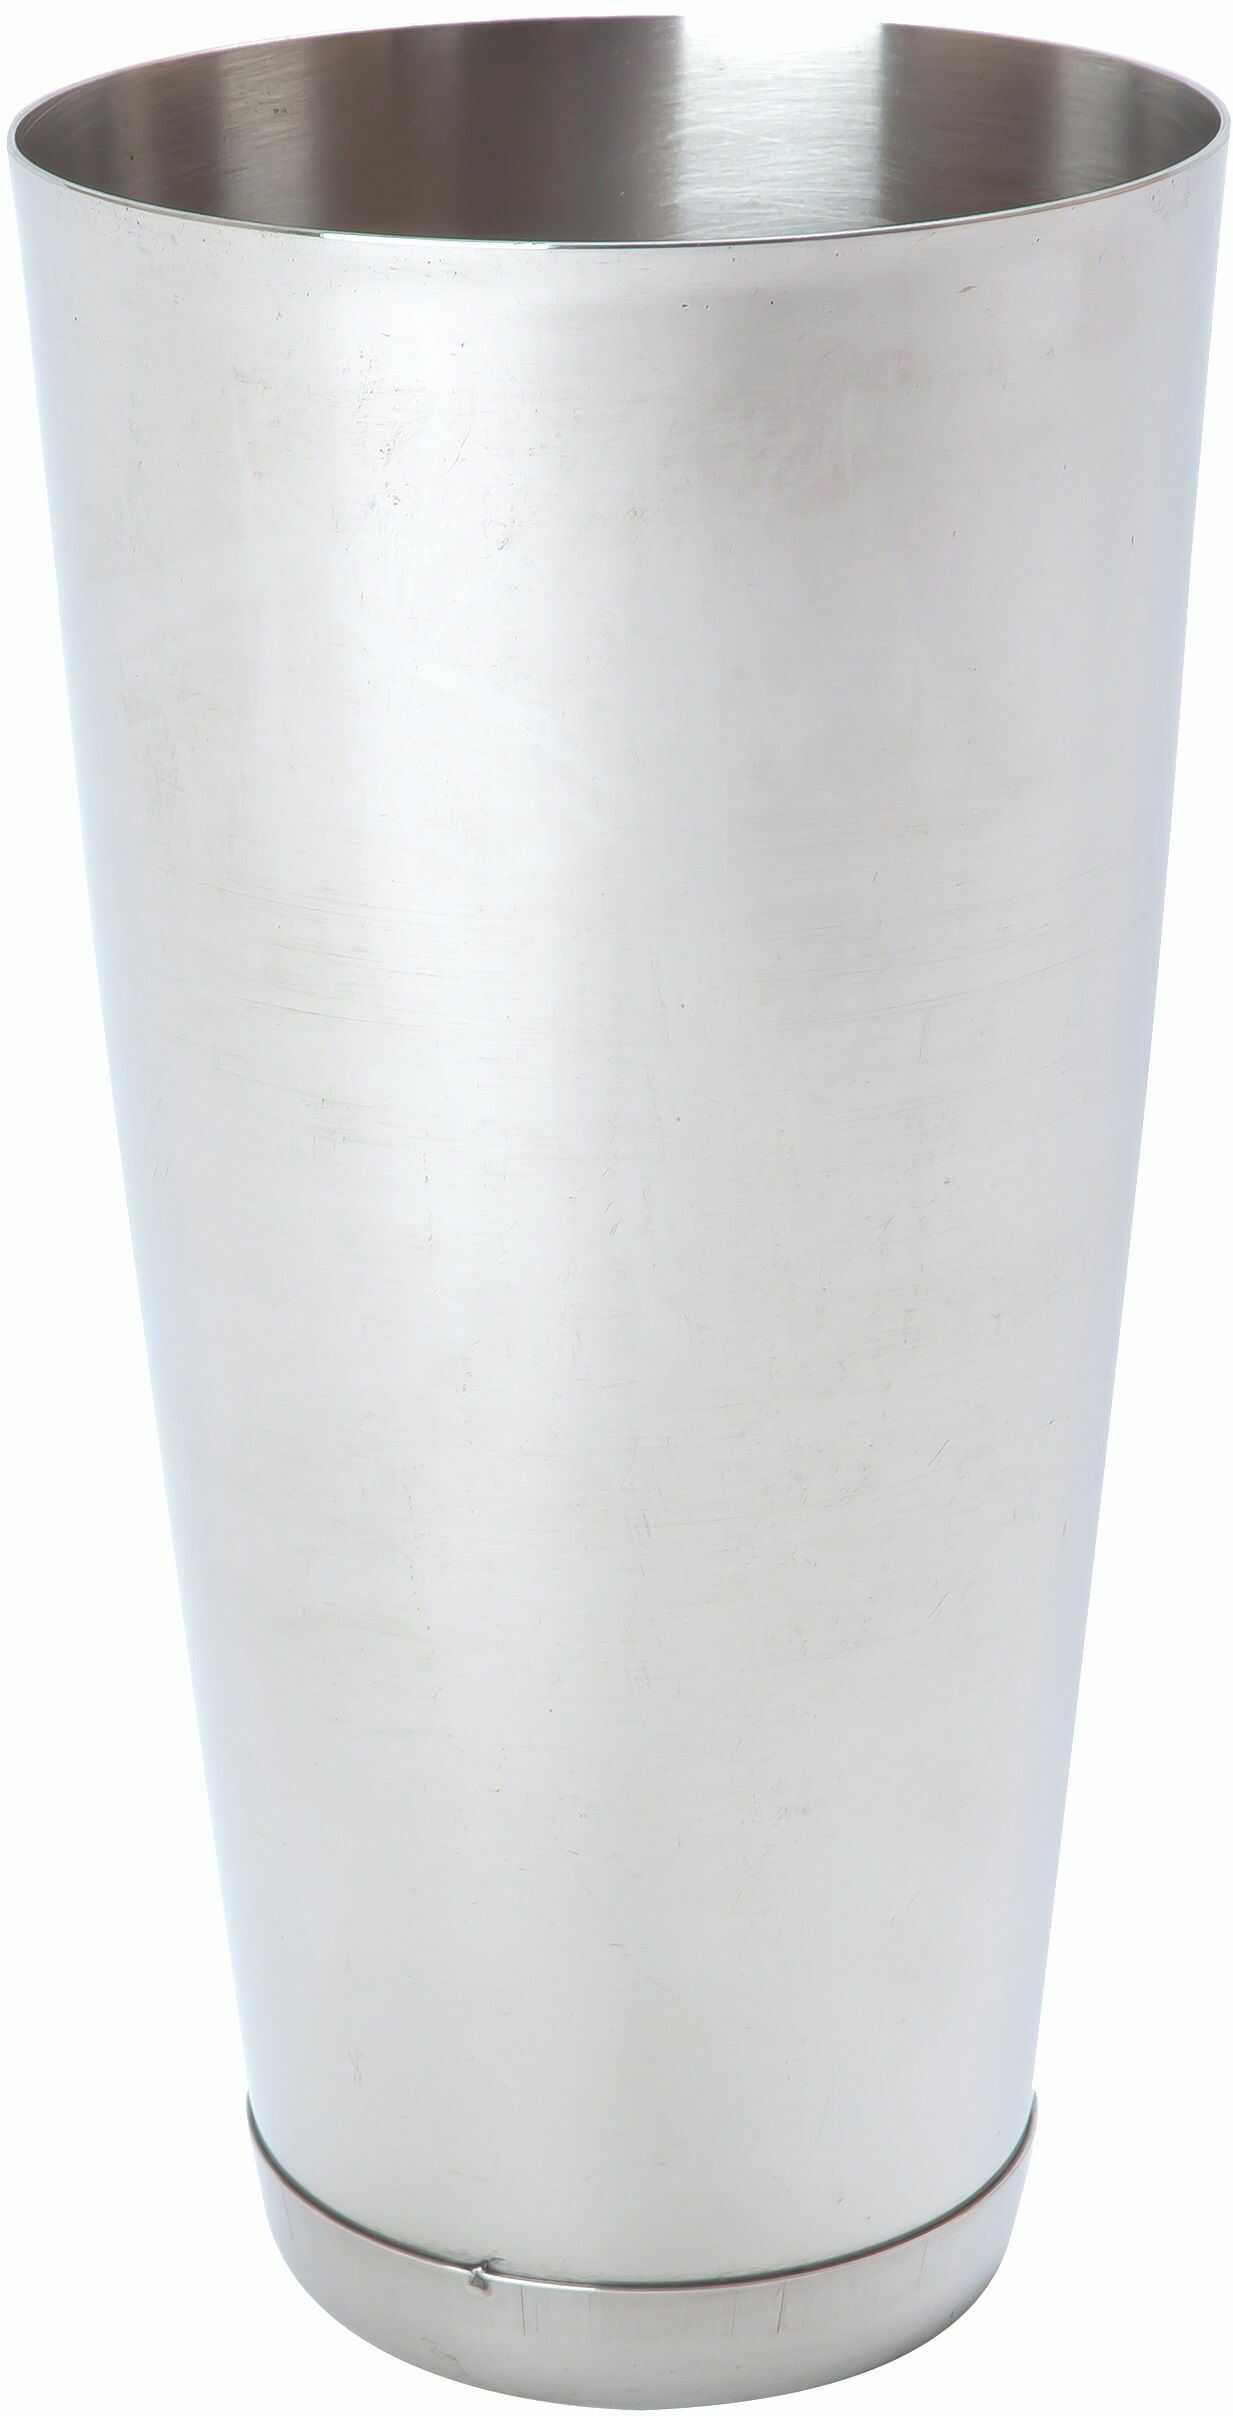 Shaker bostoński - kubek